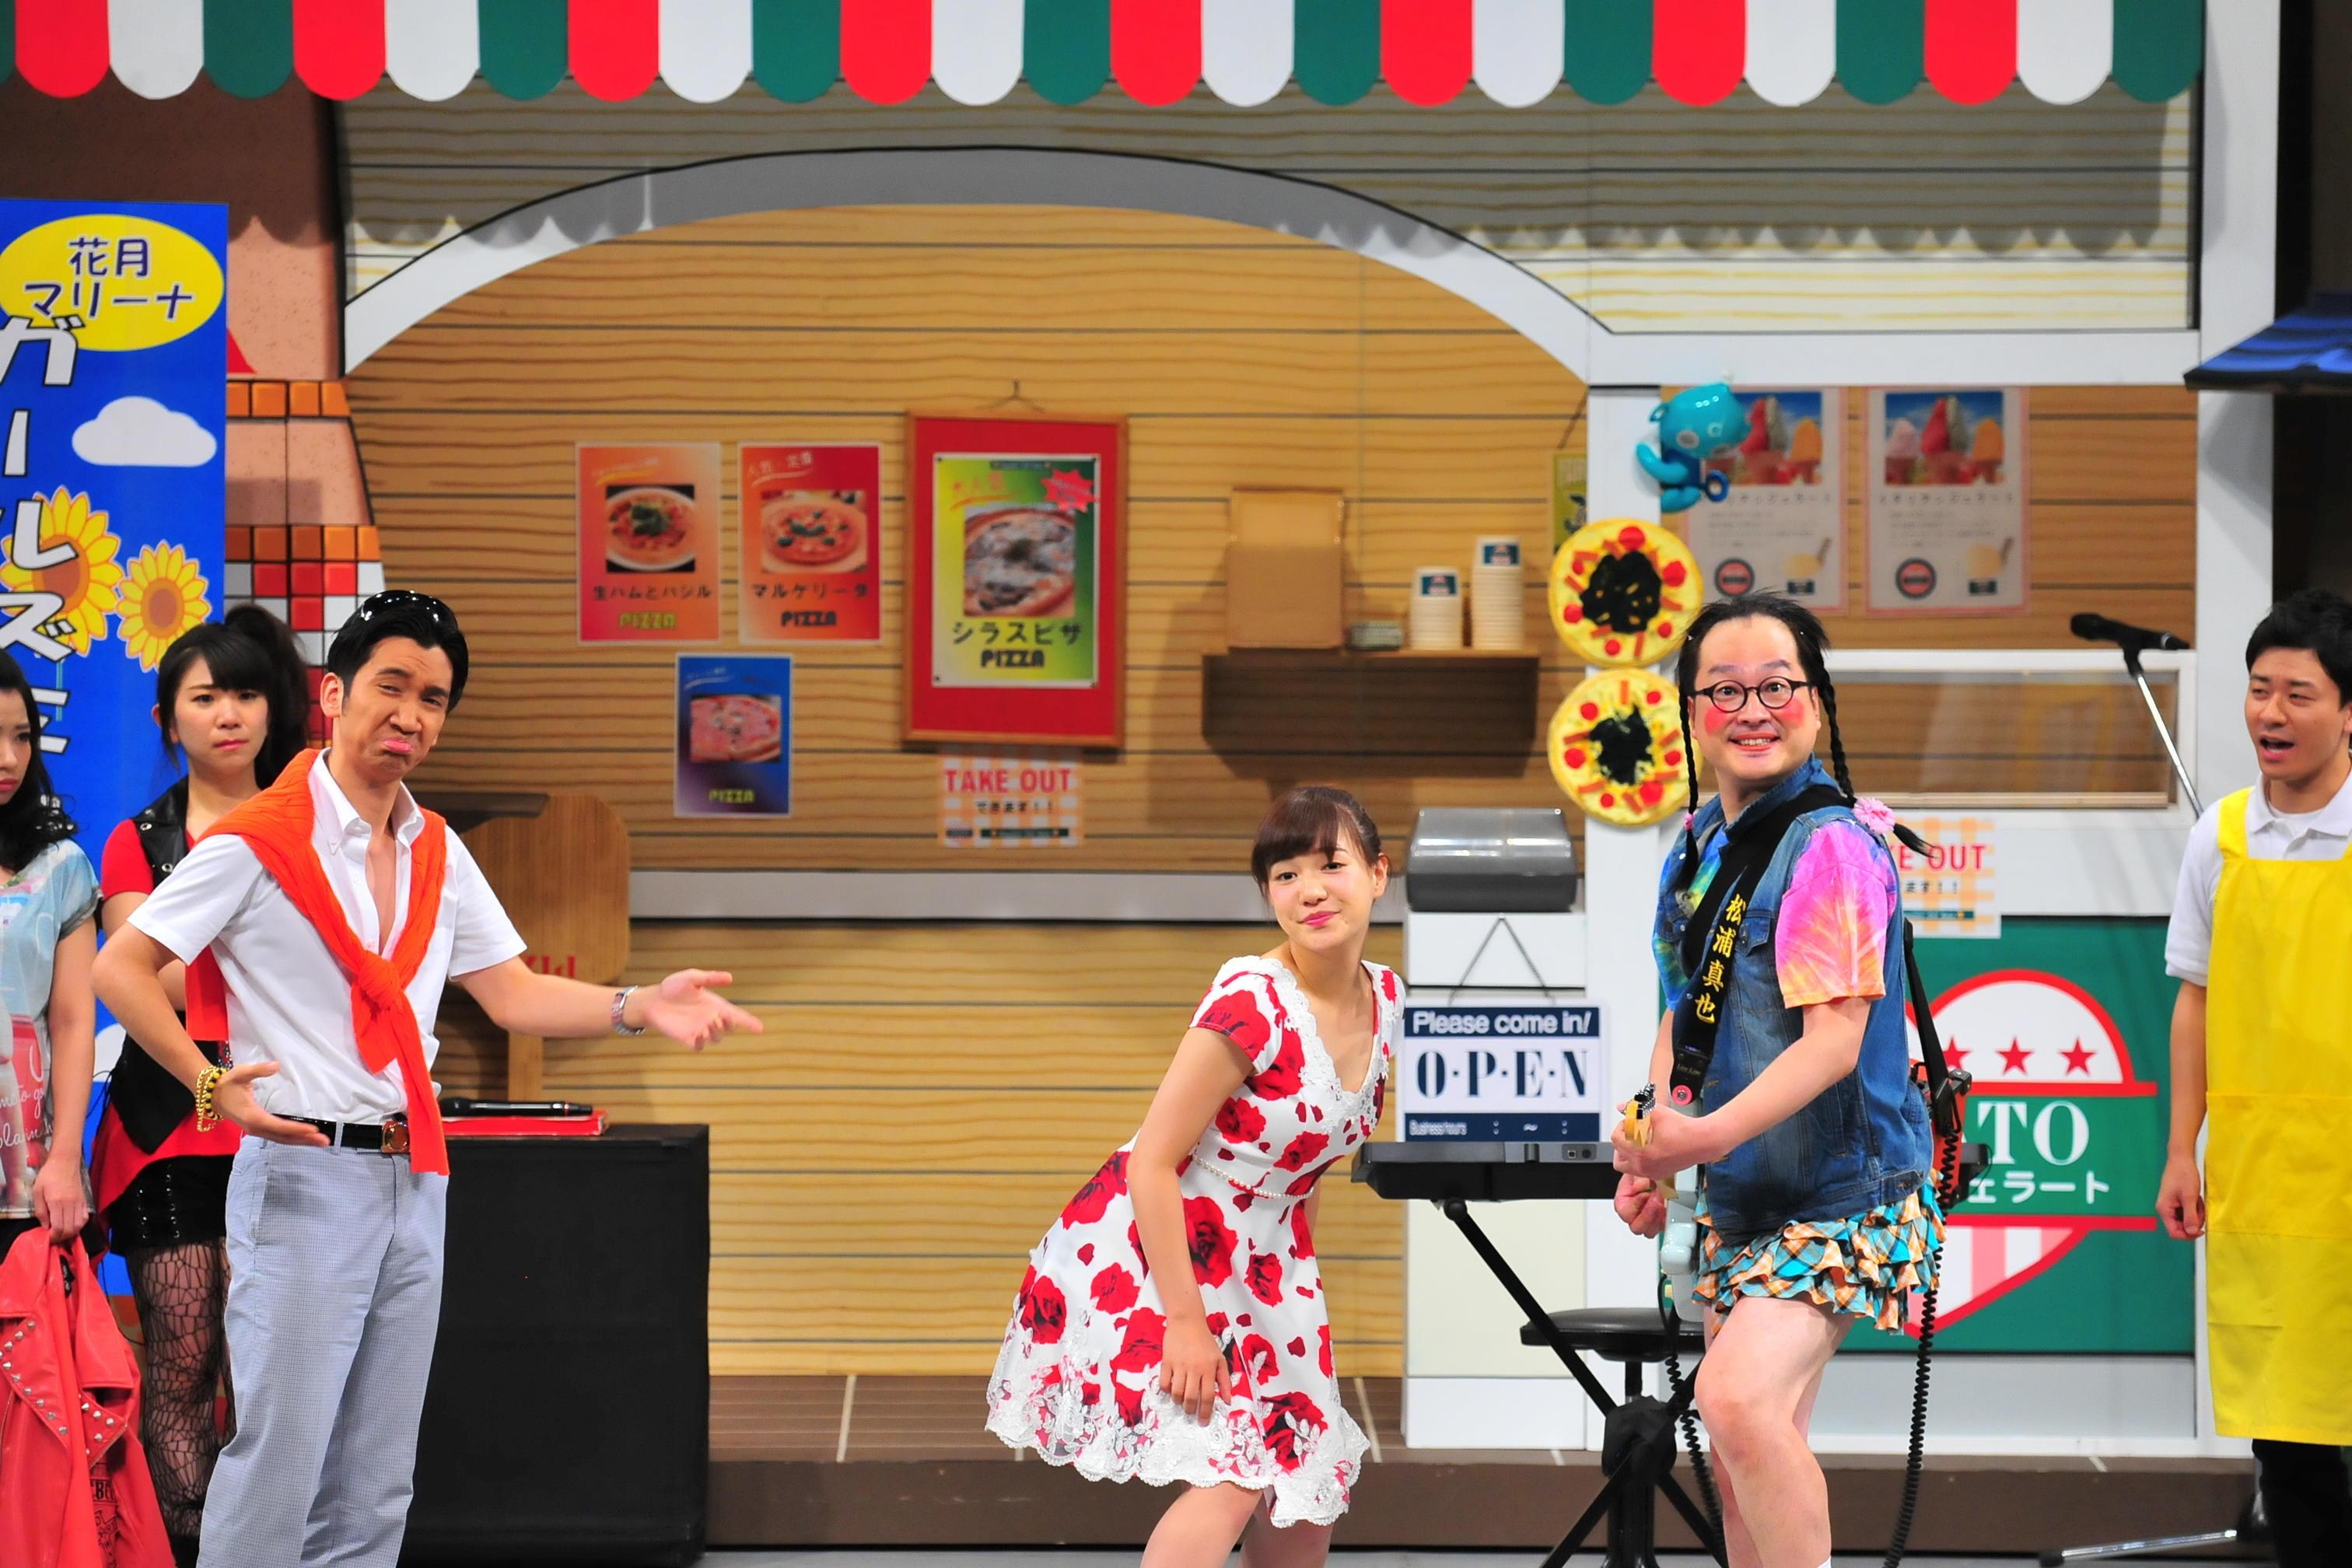 http://news.yoshimoto.co.jp/20160814183601-d8ef250106712c2cb7015466cec83538b7b31646.jpg